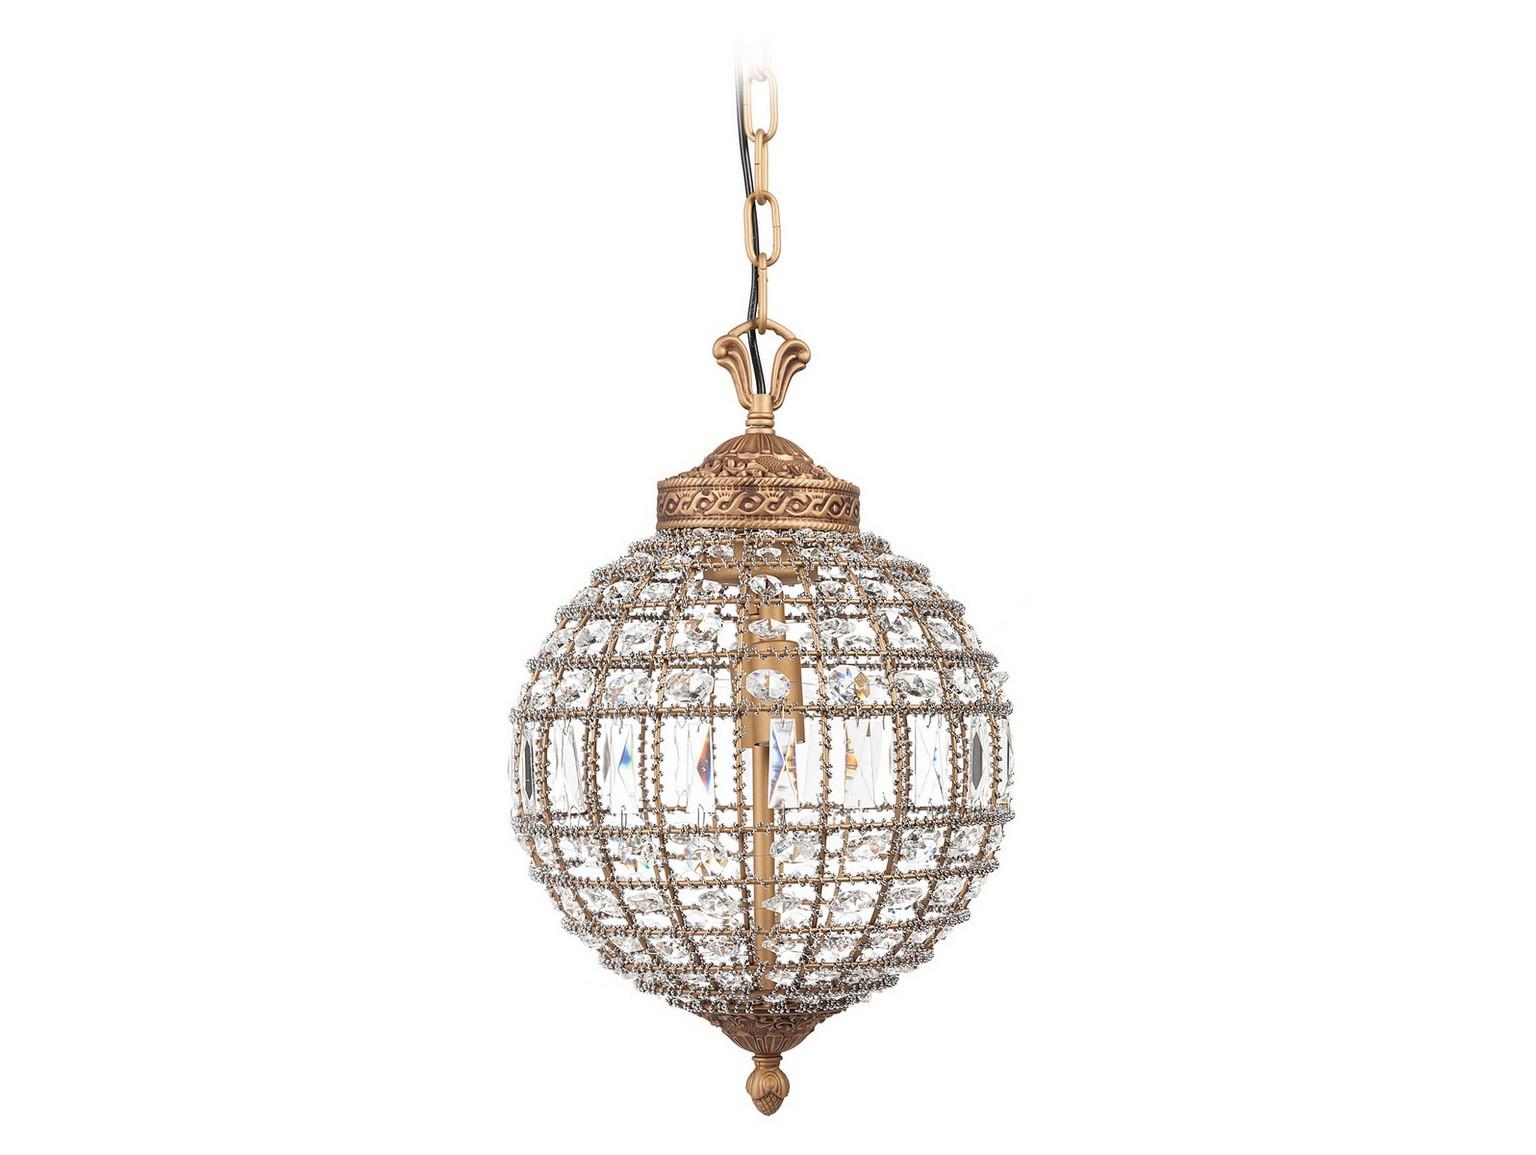 Подвесной светильник rystal ChandelierПодвесные светильники<br>&amp;lt;div&amp;gt;Предназначена для использования со светодиодными лампами, лампы не включены в комплект&amp;lt;/div&amp;gt;&amp;lt;div&amp;gt;Материалы: металл, хрусталь&amp;lt;/div&amp;gt;&amp;lt;div&amp;gt;&amp;lt;br&amp;gt;&amp;lt;/div&amp;gt;&amp;lt;div&amp;gt;Вид цоколя: Е14&amp;lt;/div&amp;gt;&amp;lt;div&amp;gt;Мощность лампы: 40W&amp;lt;/div&amp;gt;&amp;lt;div&amp;gt;Количество ламп: 2&amp;lt;/div&amp;gt;&amp;lt;div&amp;gt;Наличие ламп: нет&amp;lt;/div&amp;gt;<br><br>Material: Металл<br>Height см: 47<br>Diameter см: 30